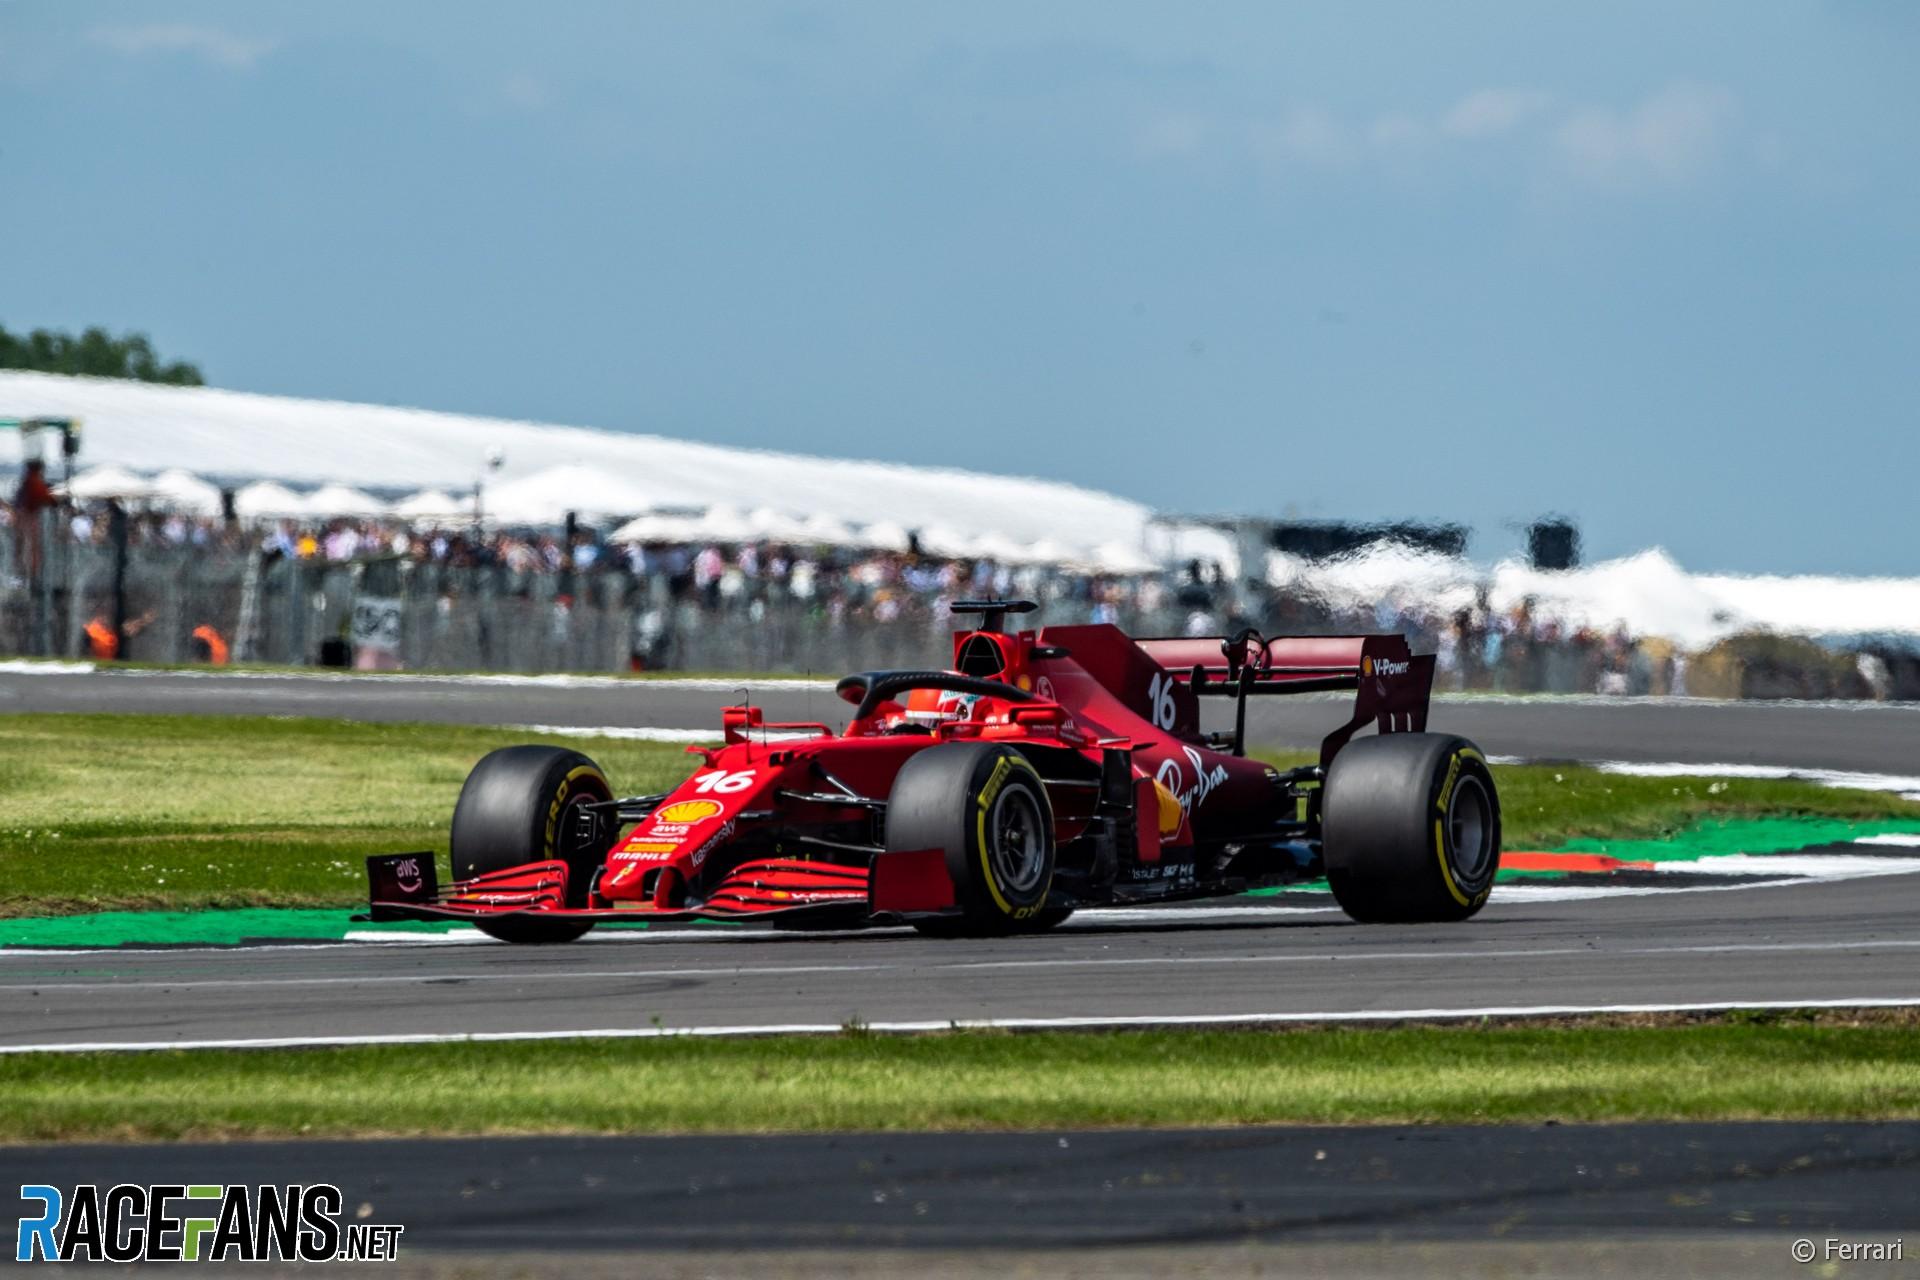 racefansdotnet-21-07-16-15-01-06-3.jpg